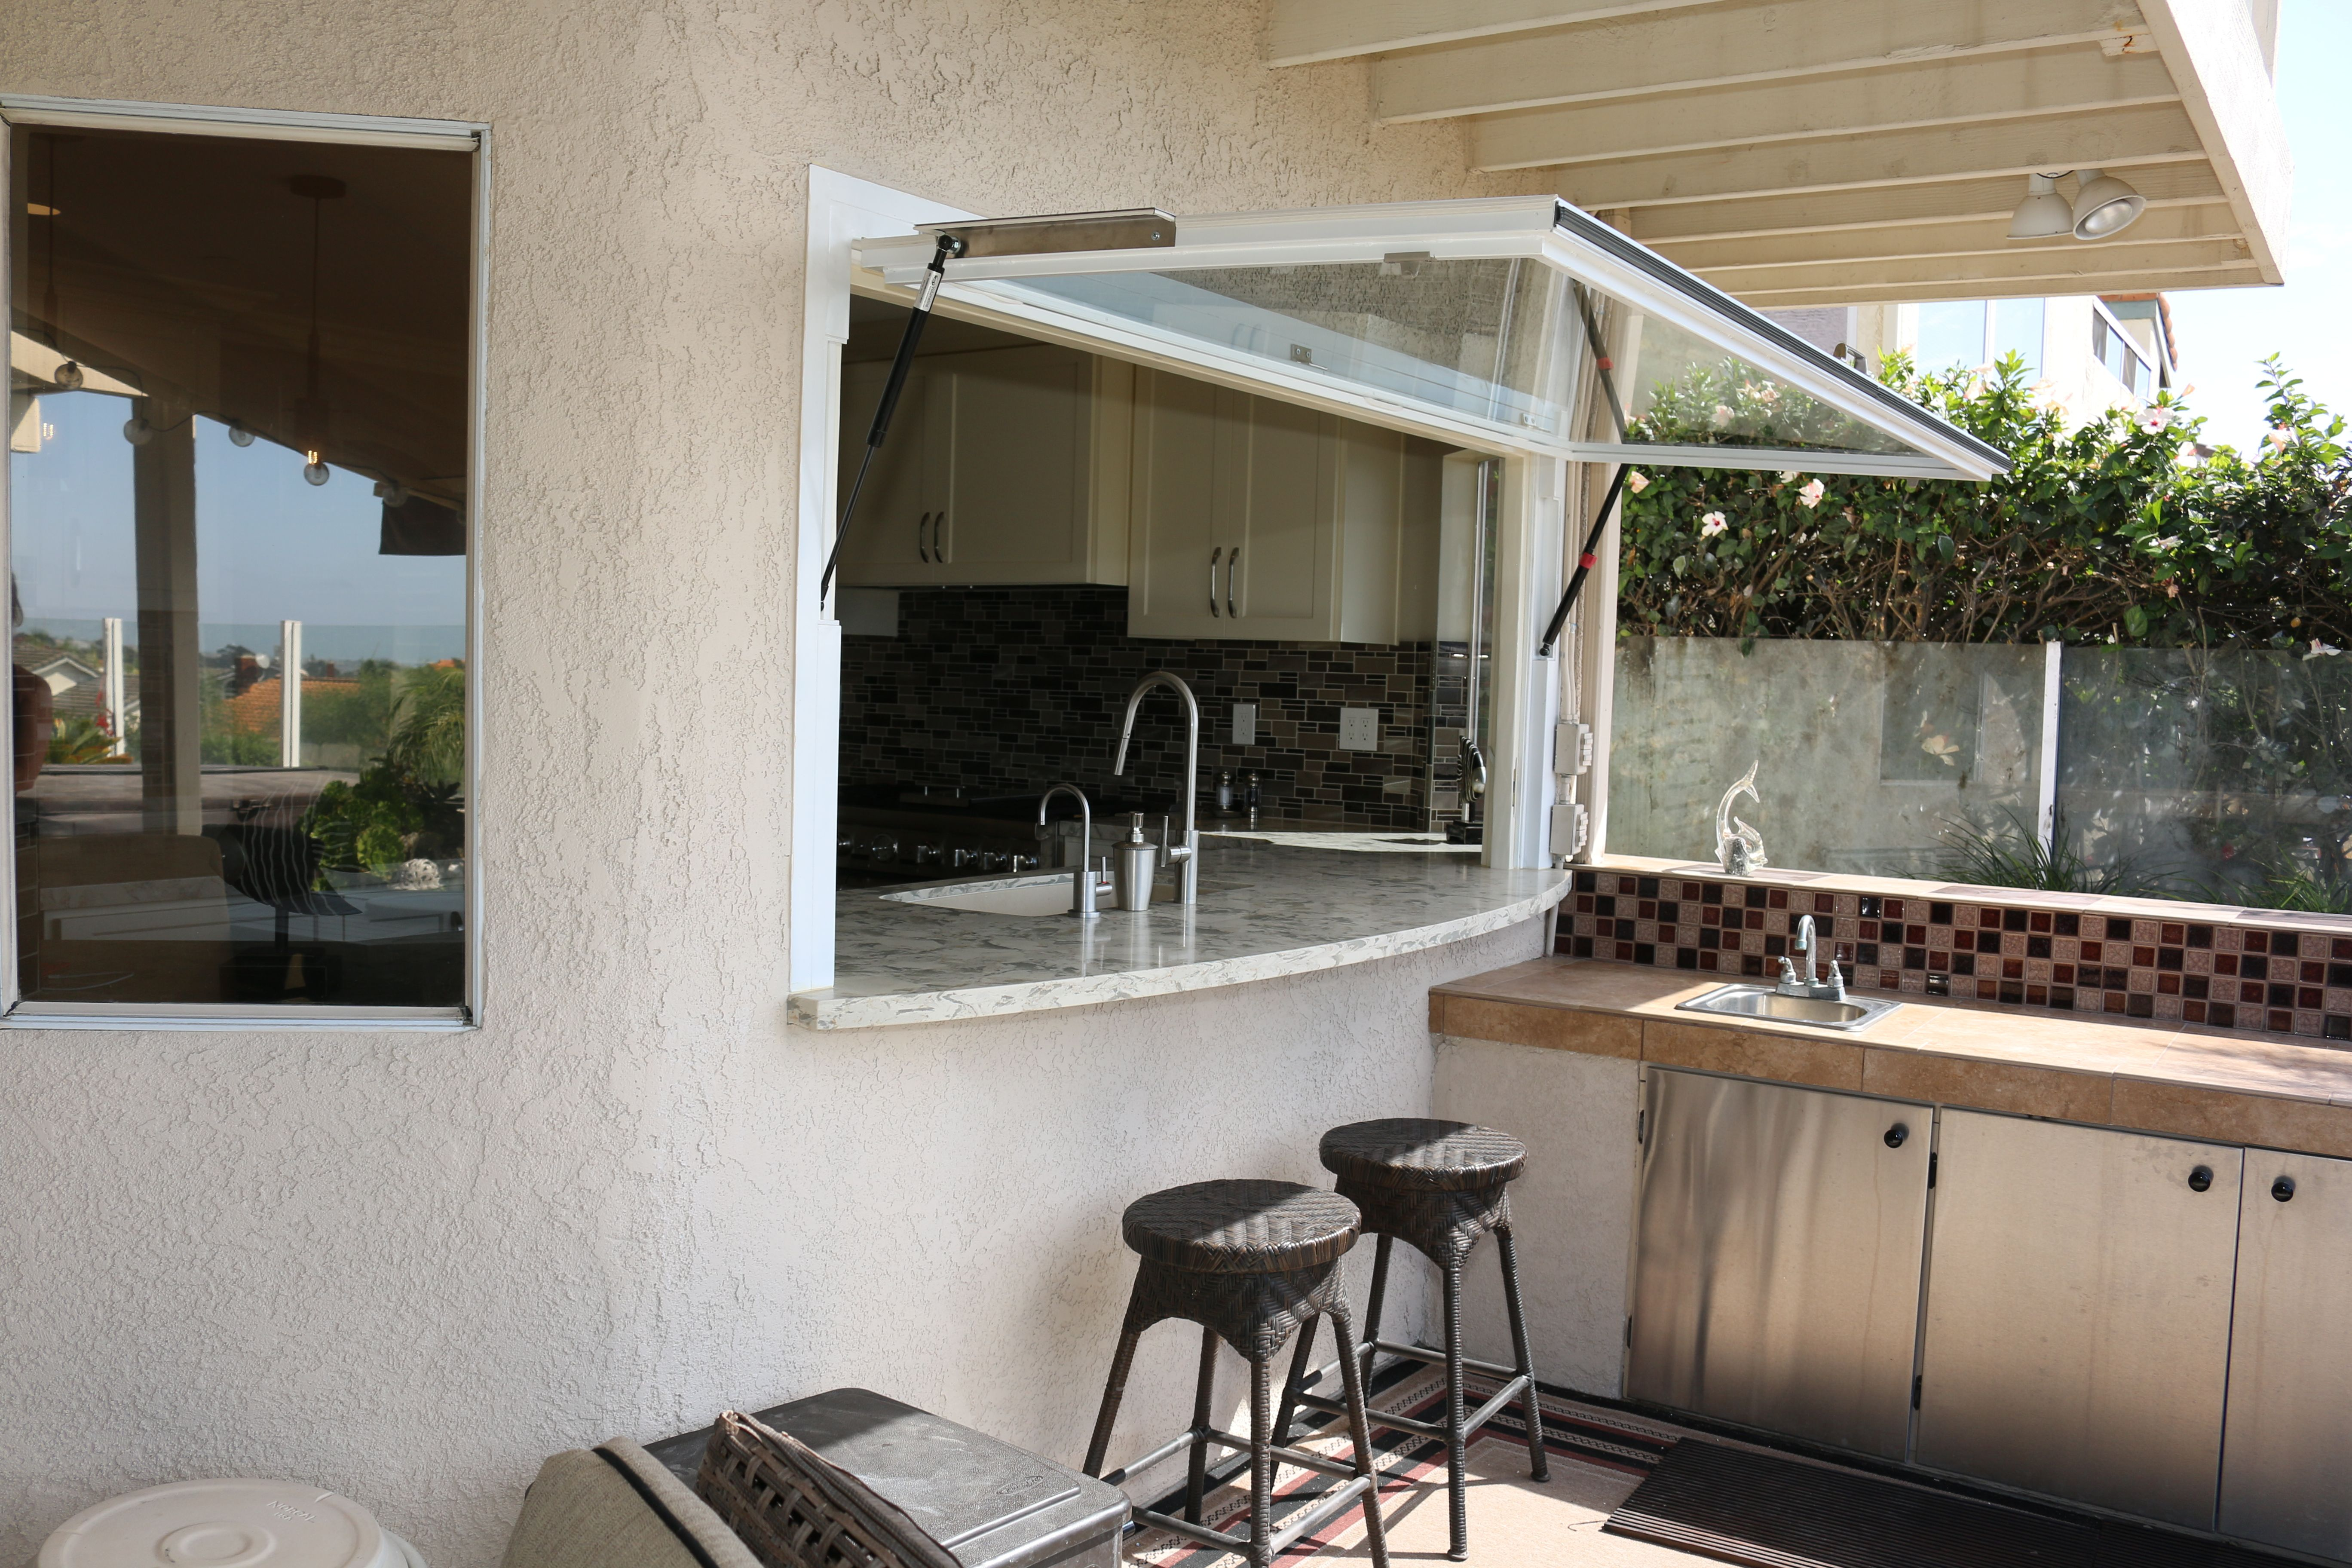 Pass Through Kitchen Window Vanity Thru To Outdoor Bbq Flipoutwindows